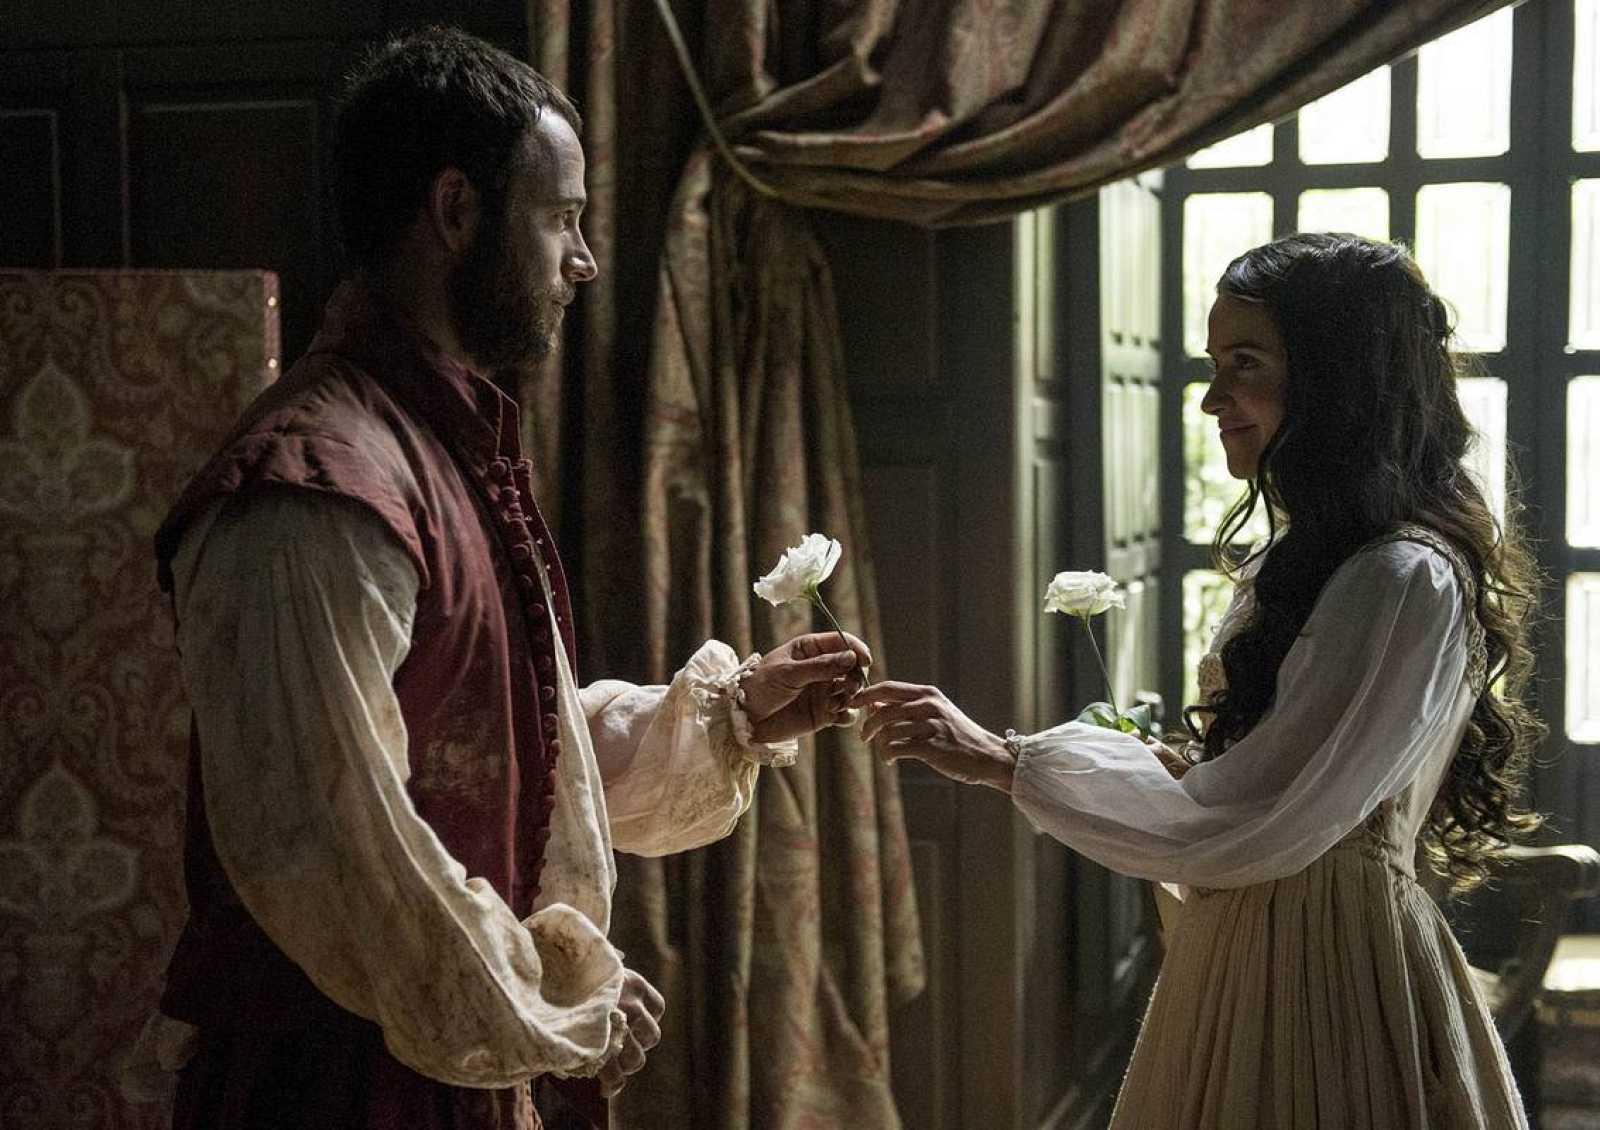 Isabel y Ricardo lucharán por su amor en 'La española inglesa'